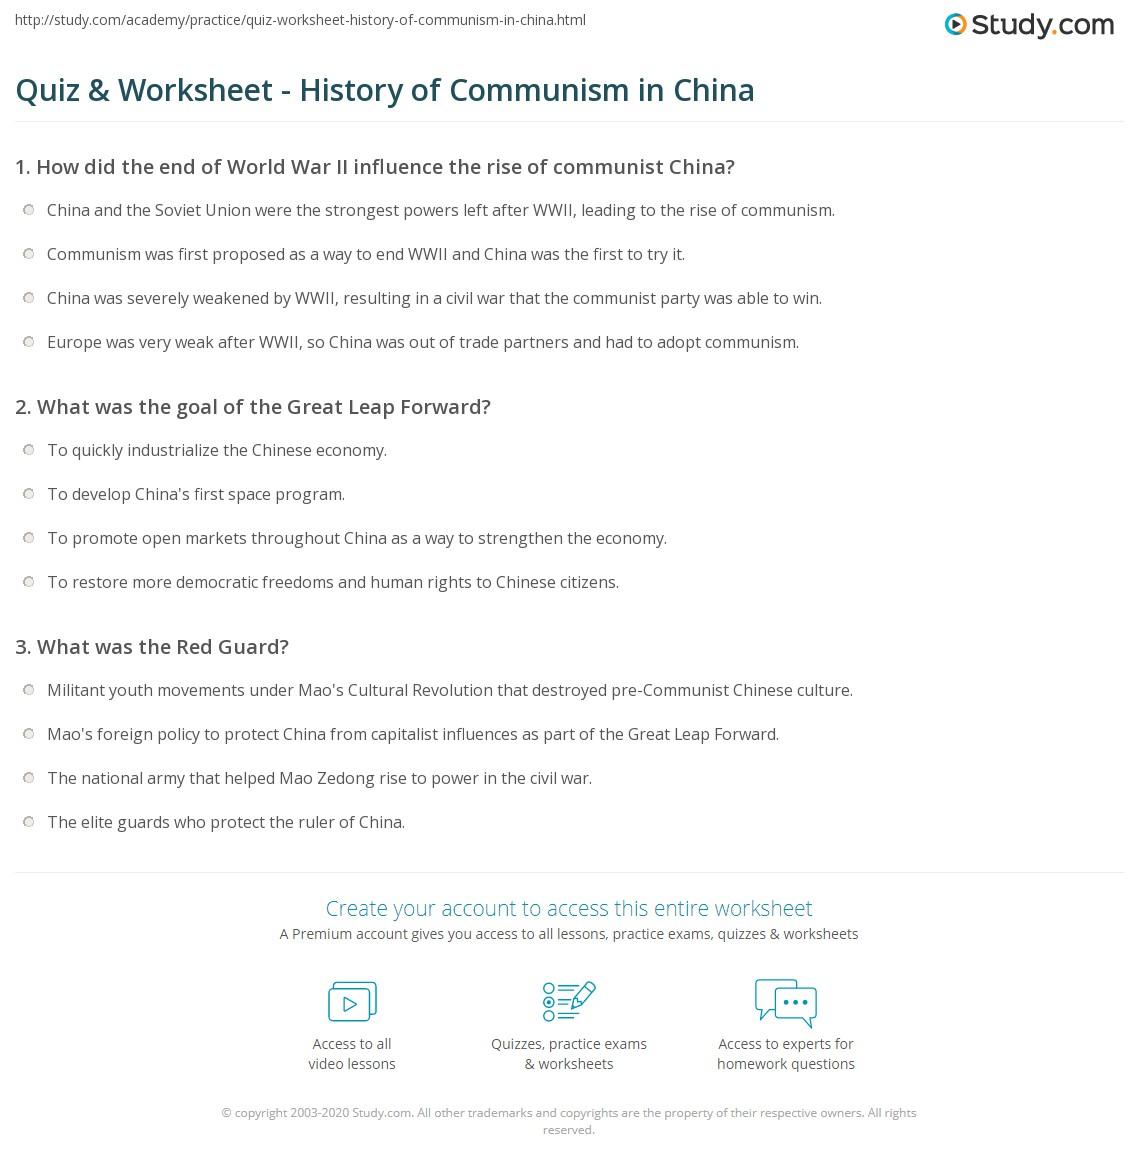 quiz worksheet history of communism in china. Black Bedroom Furniture Sets. Home Design Ideas